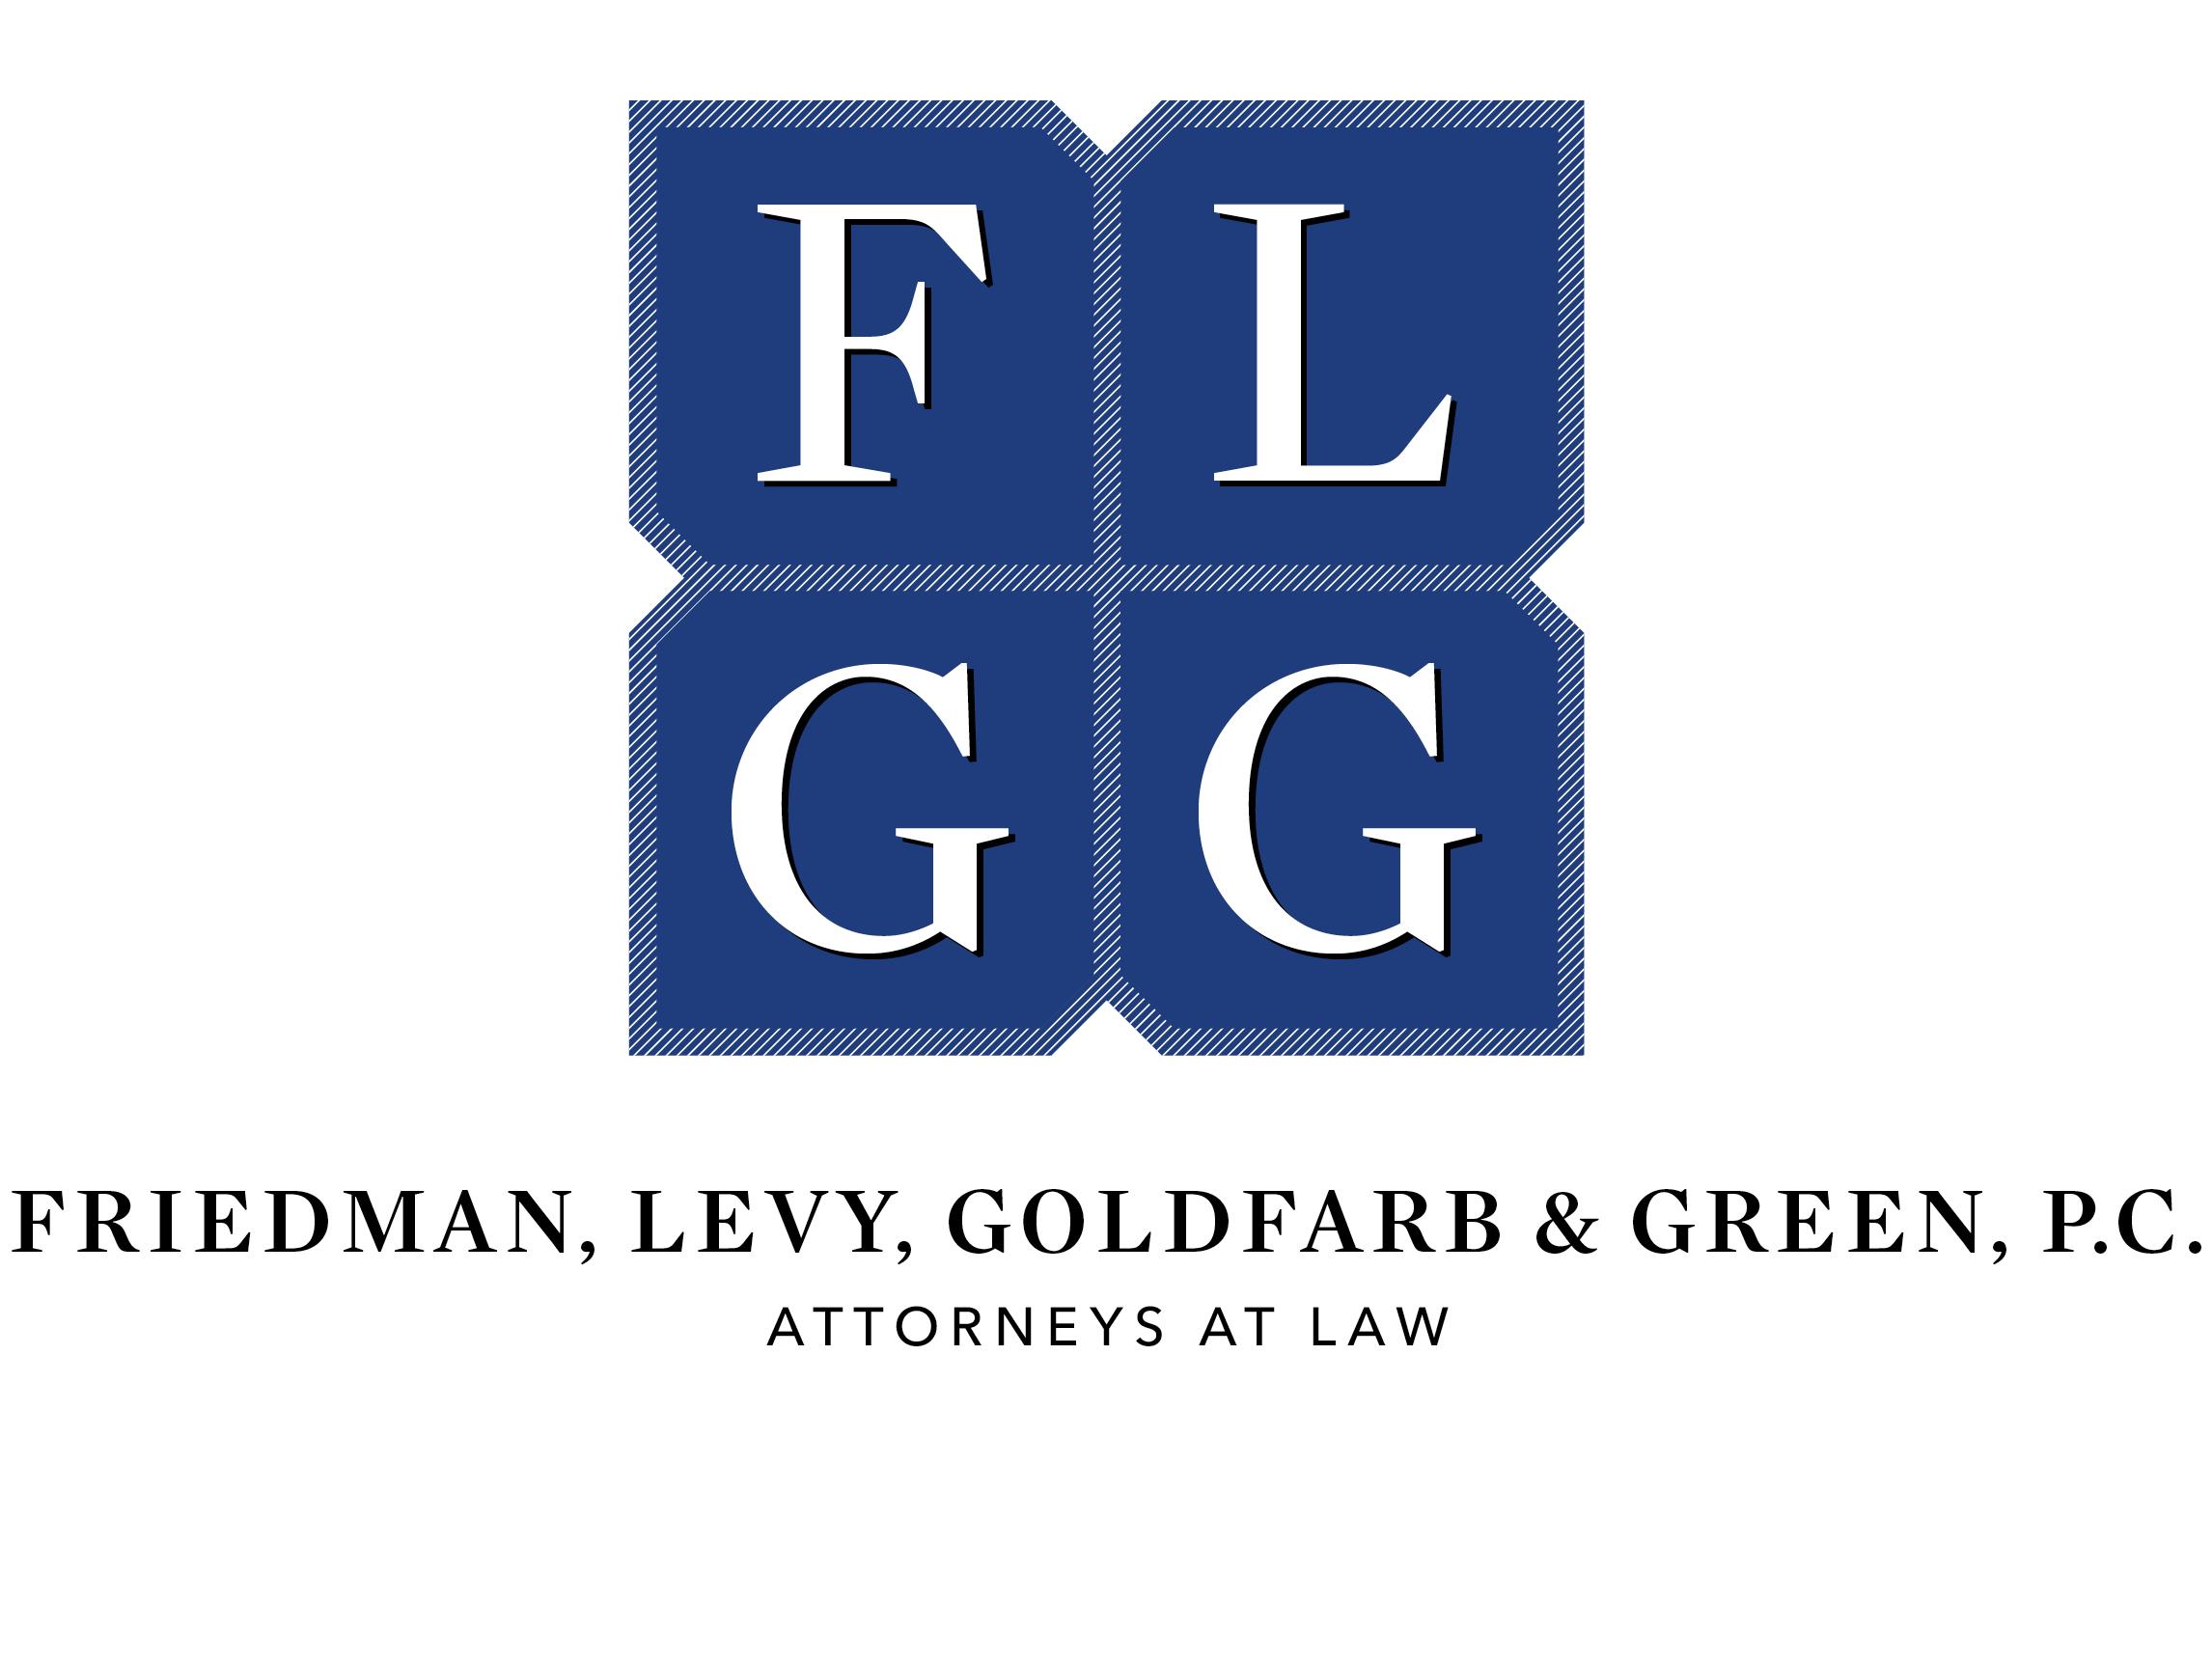 DMD_Logos_FLG&G_150.jpg